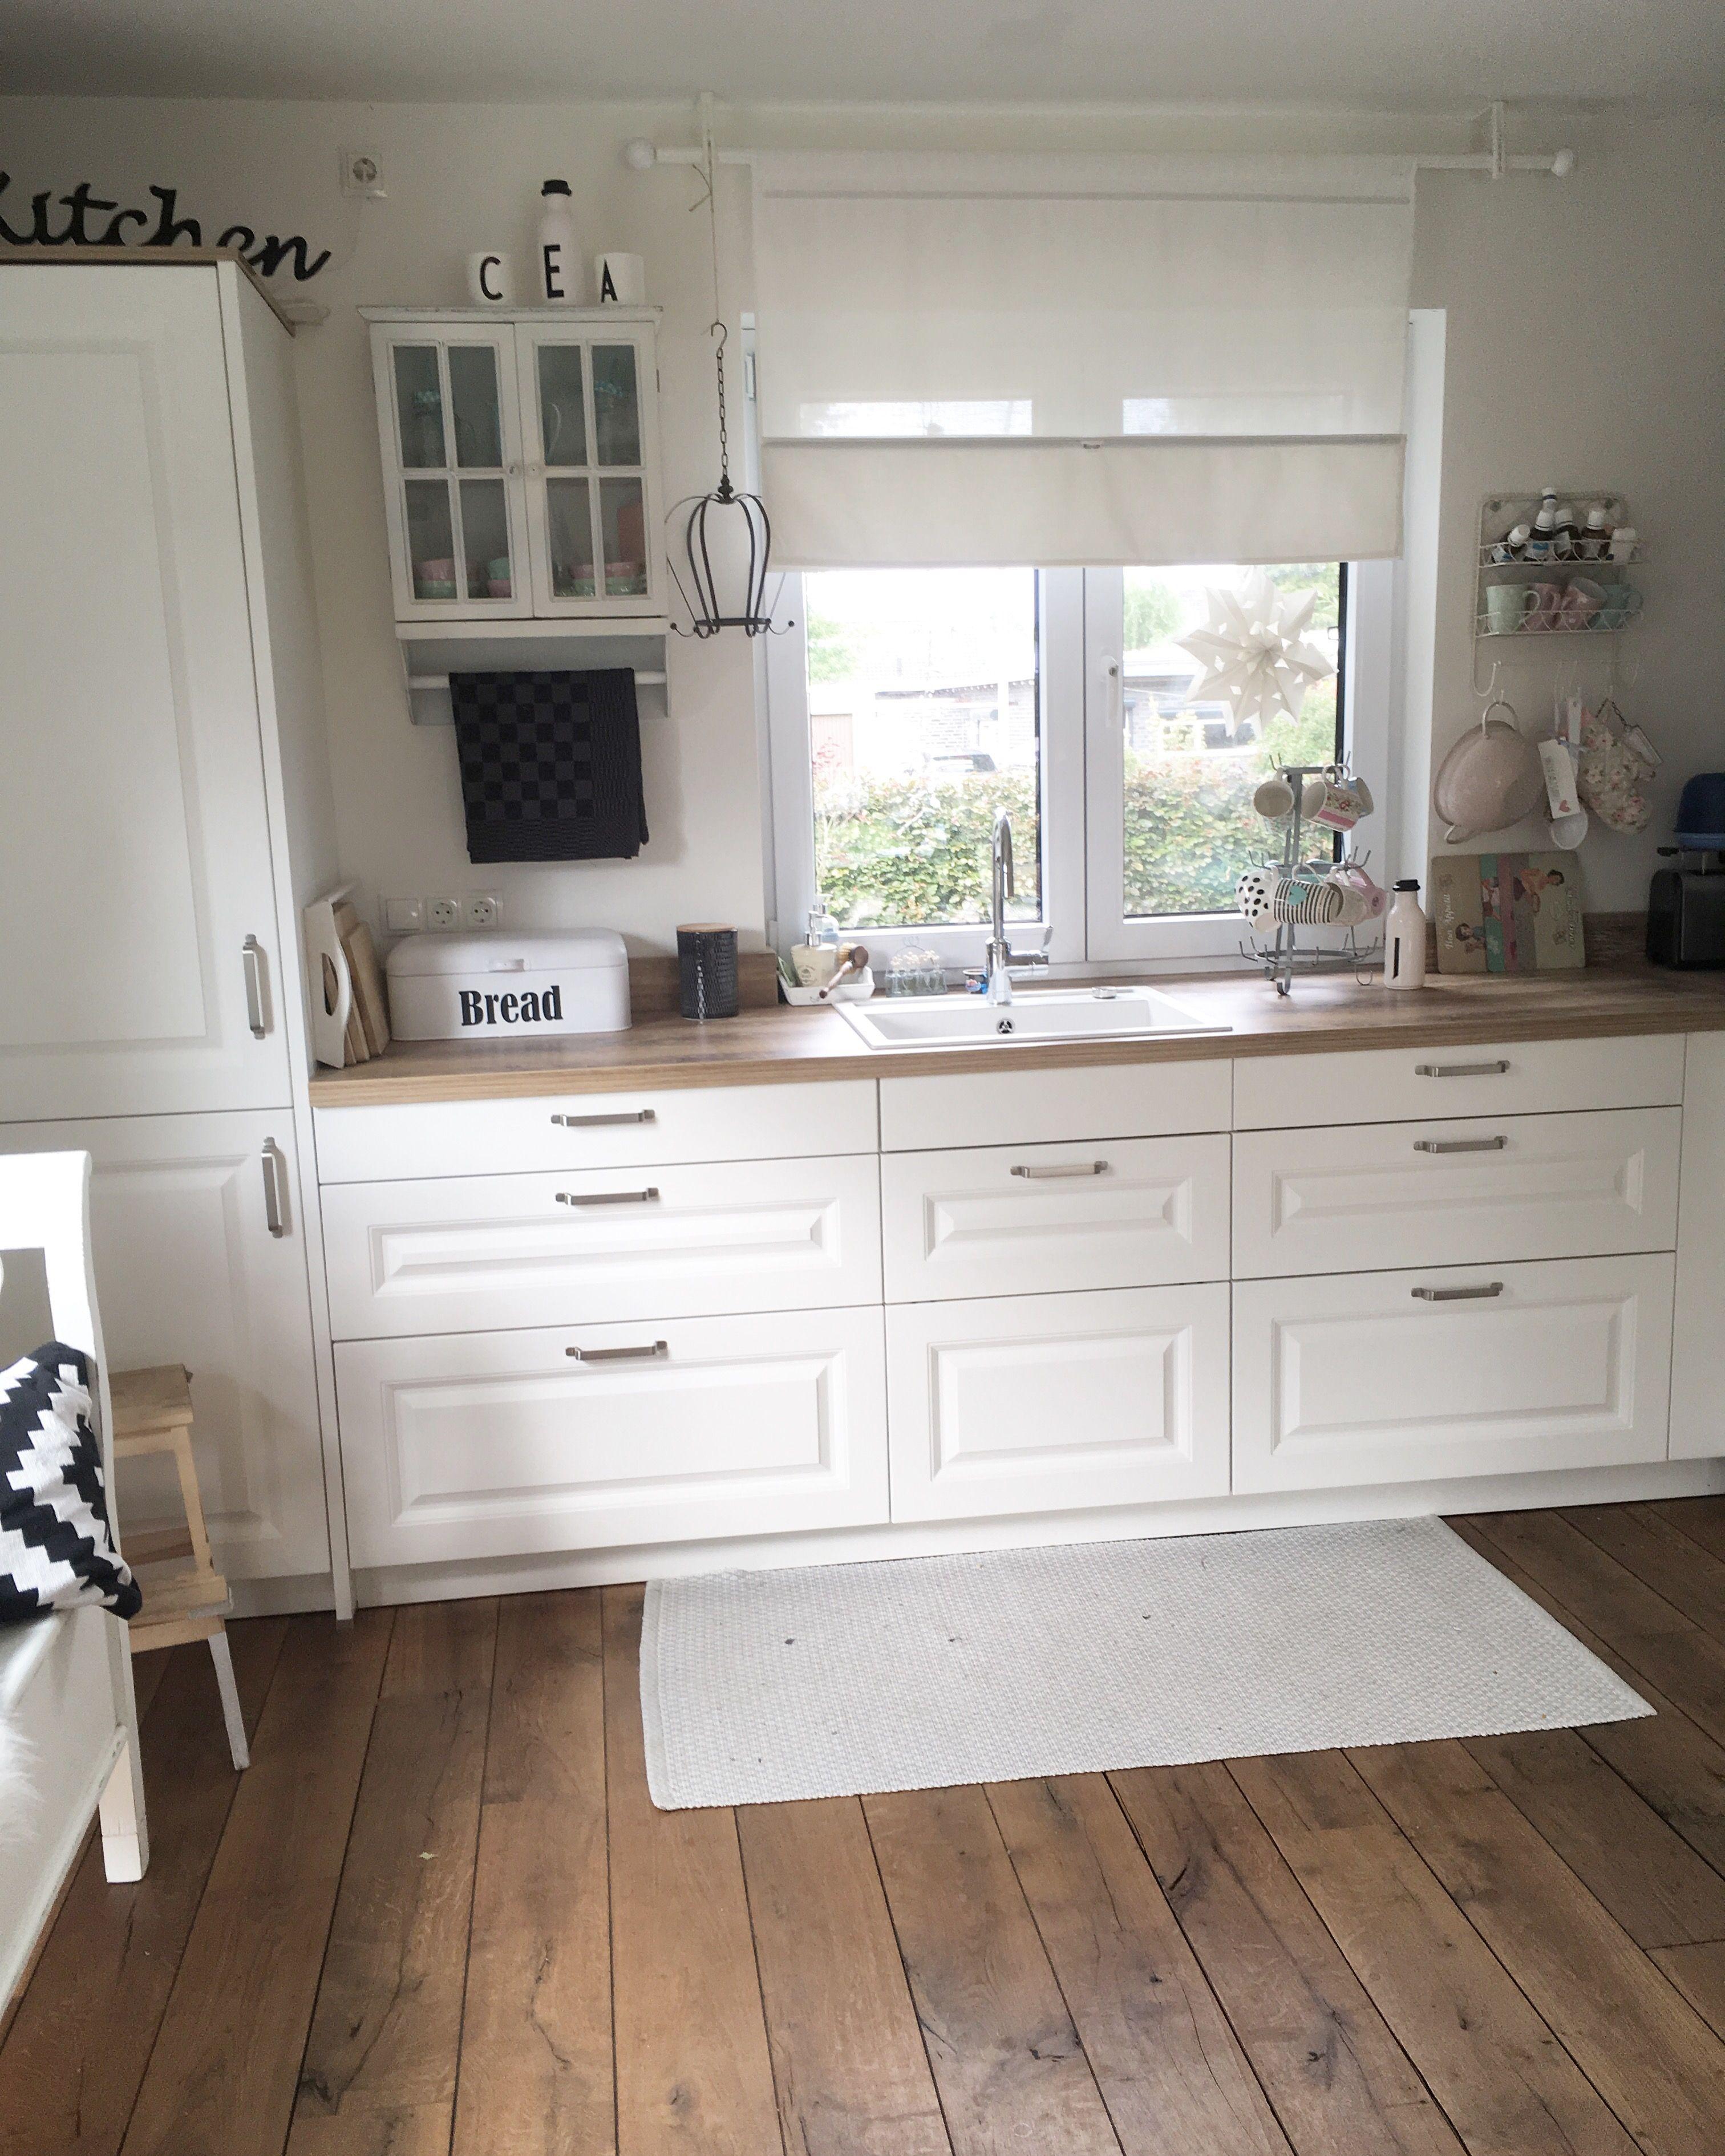 Kitchendreams- 10 Fakten über meine Küche   Me   Pinterest   Villas ...